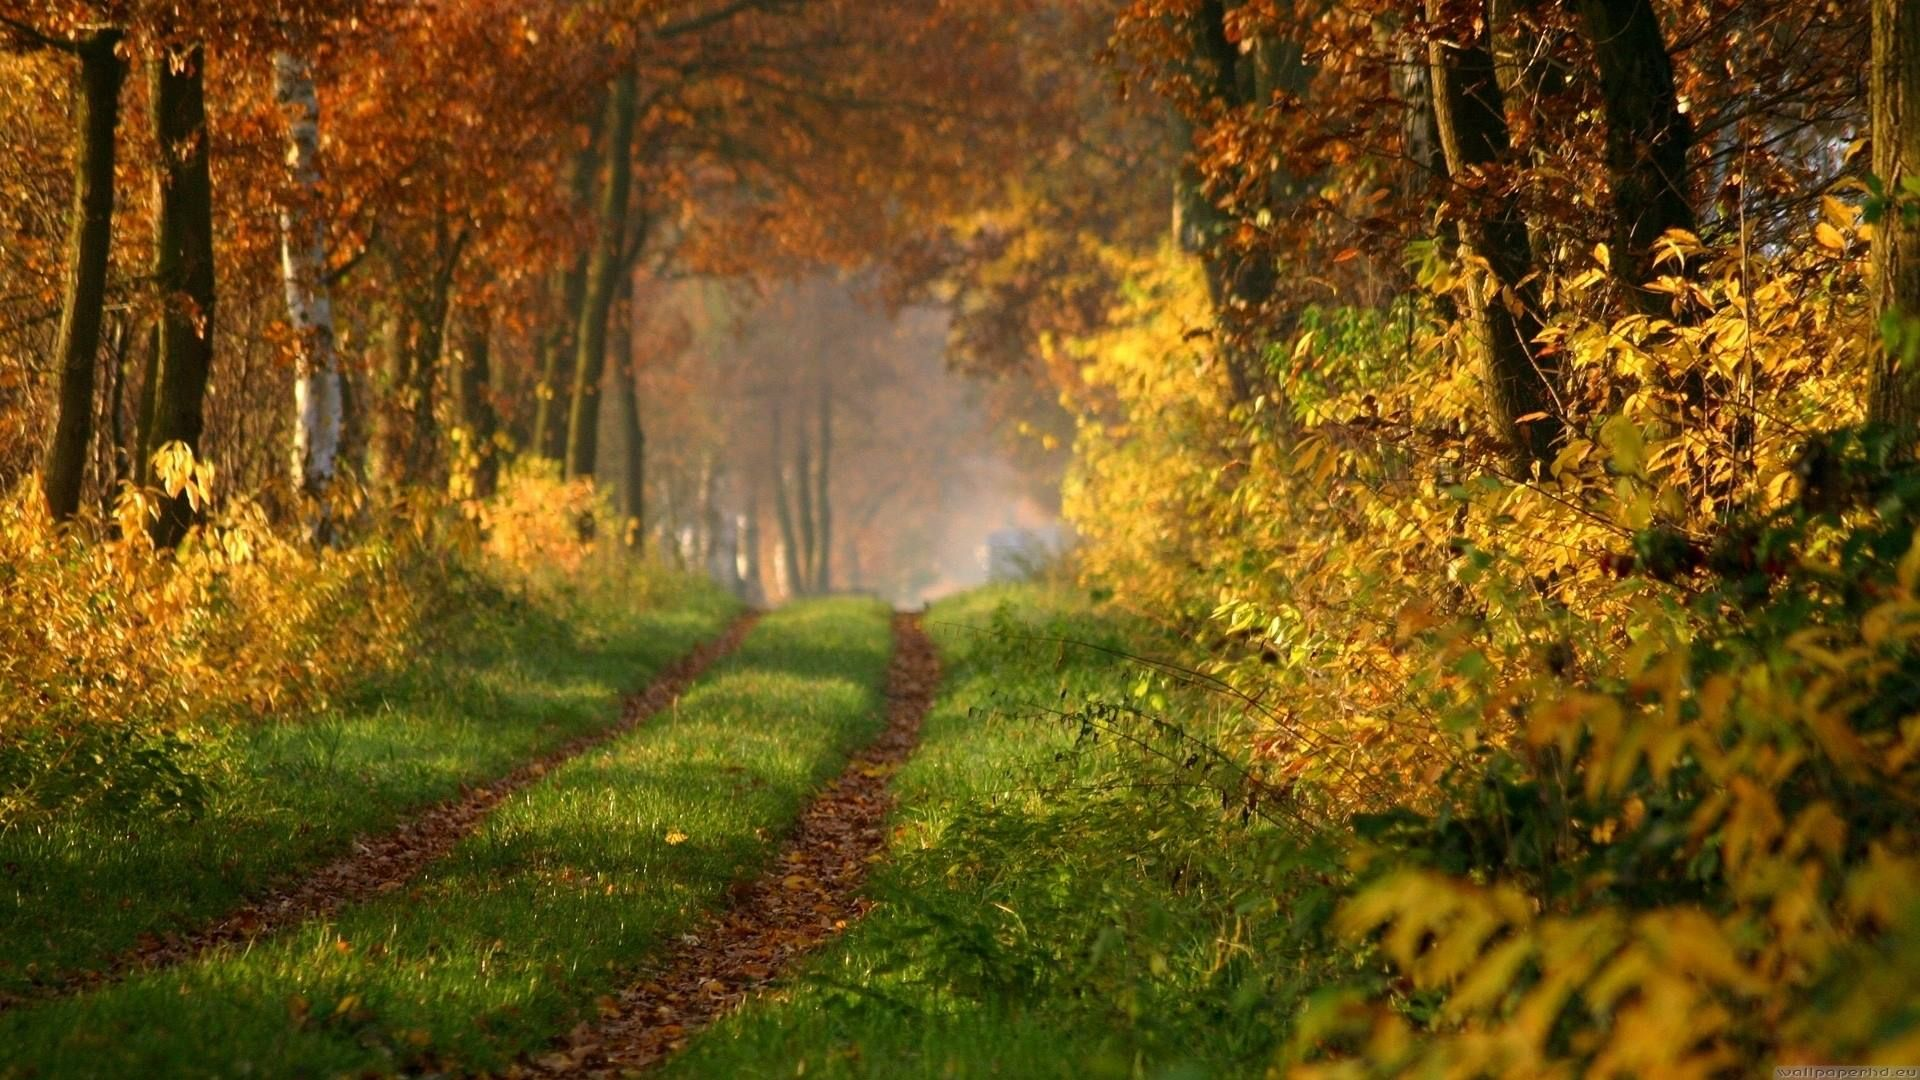 Epingle Par Sylvie Boulet Sur Deep In The Forest Feuilles Mortes Feuille